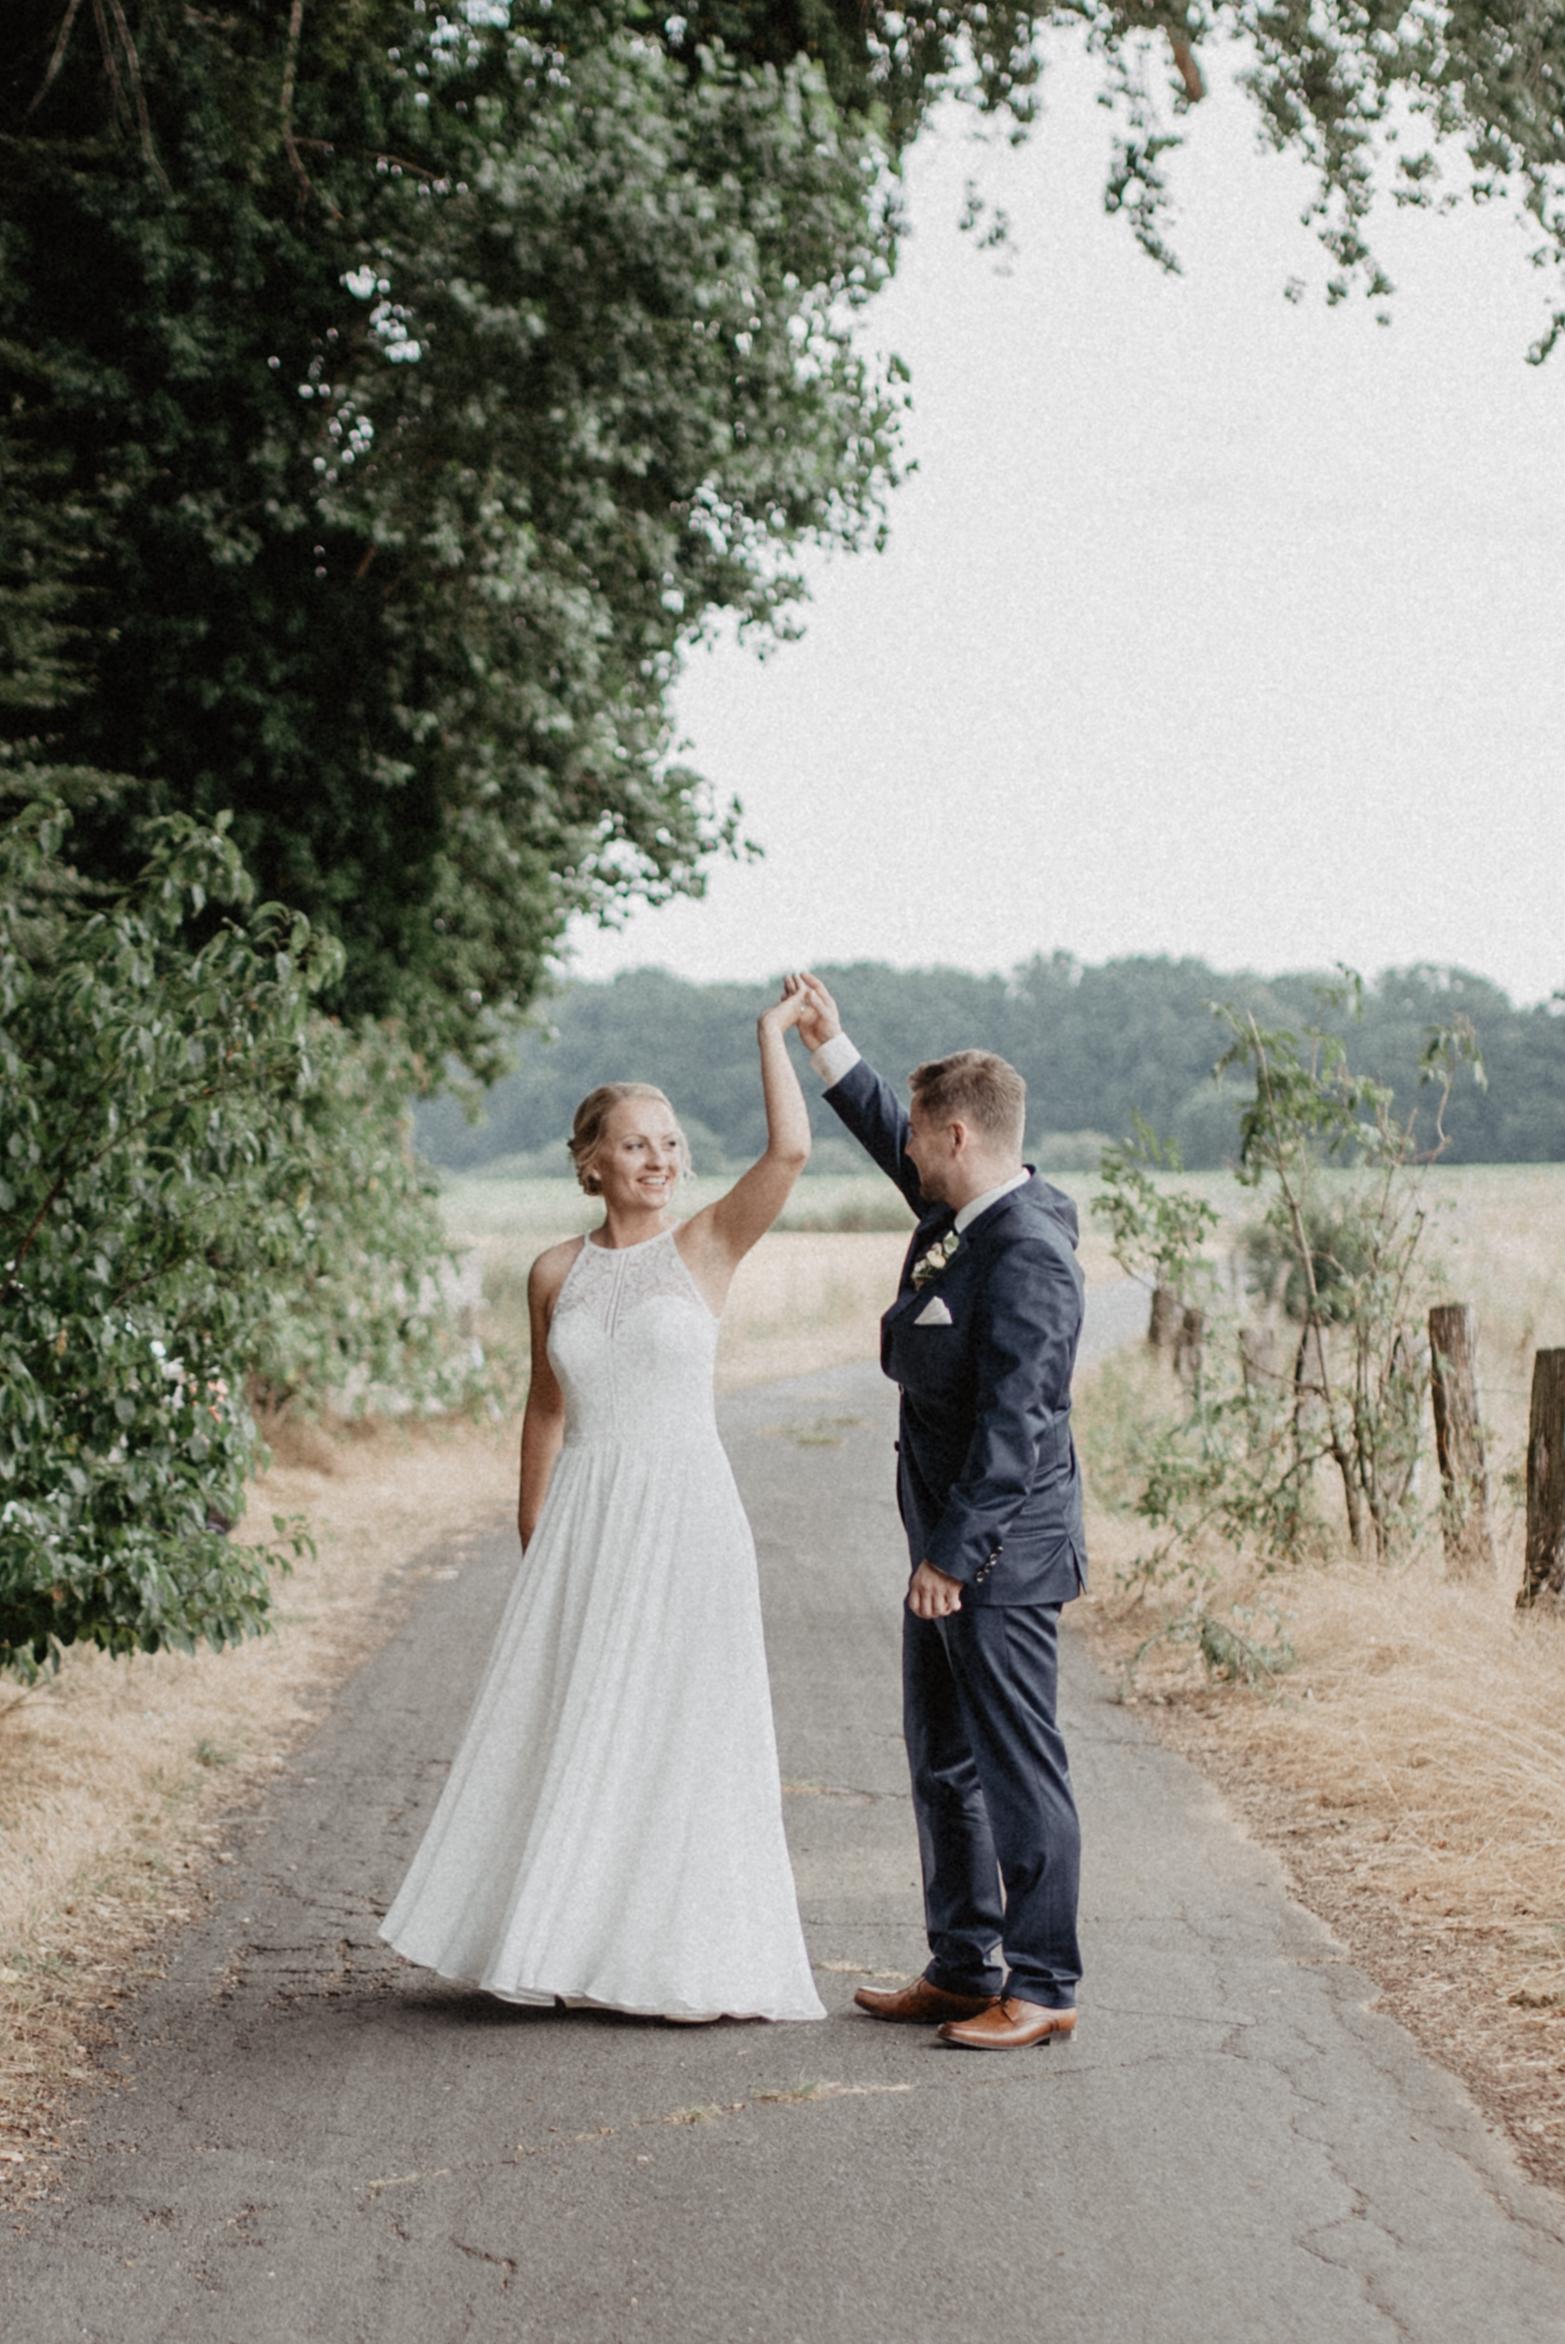 HochzeitWerner020819 (79 von 1113)